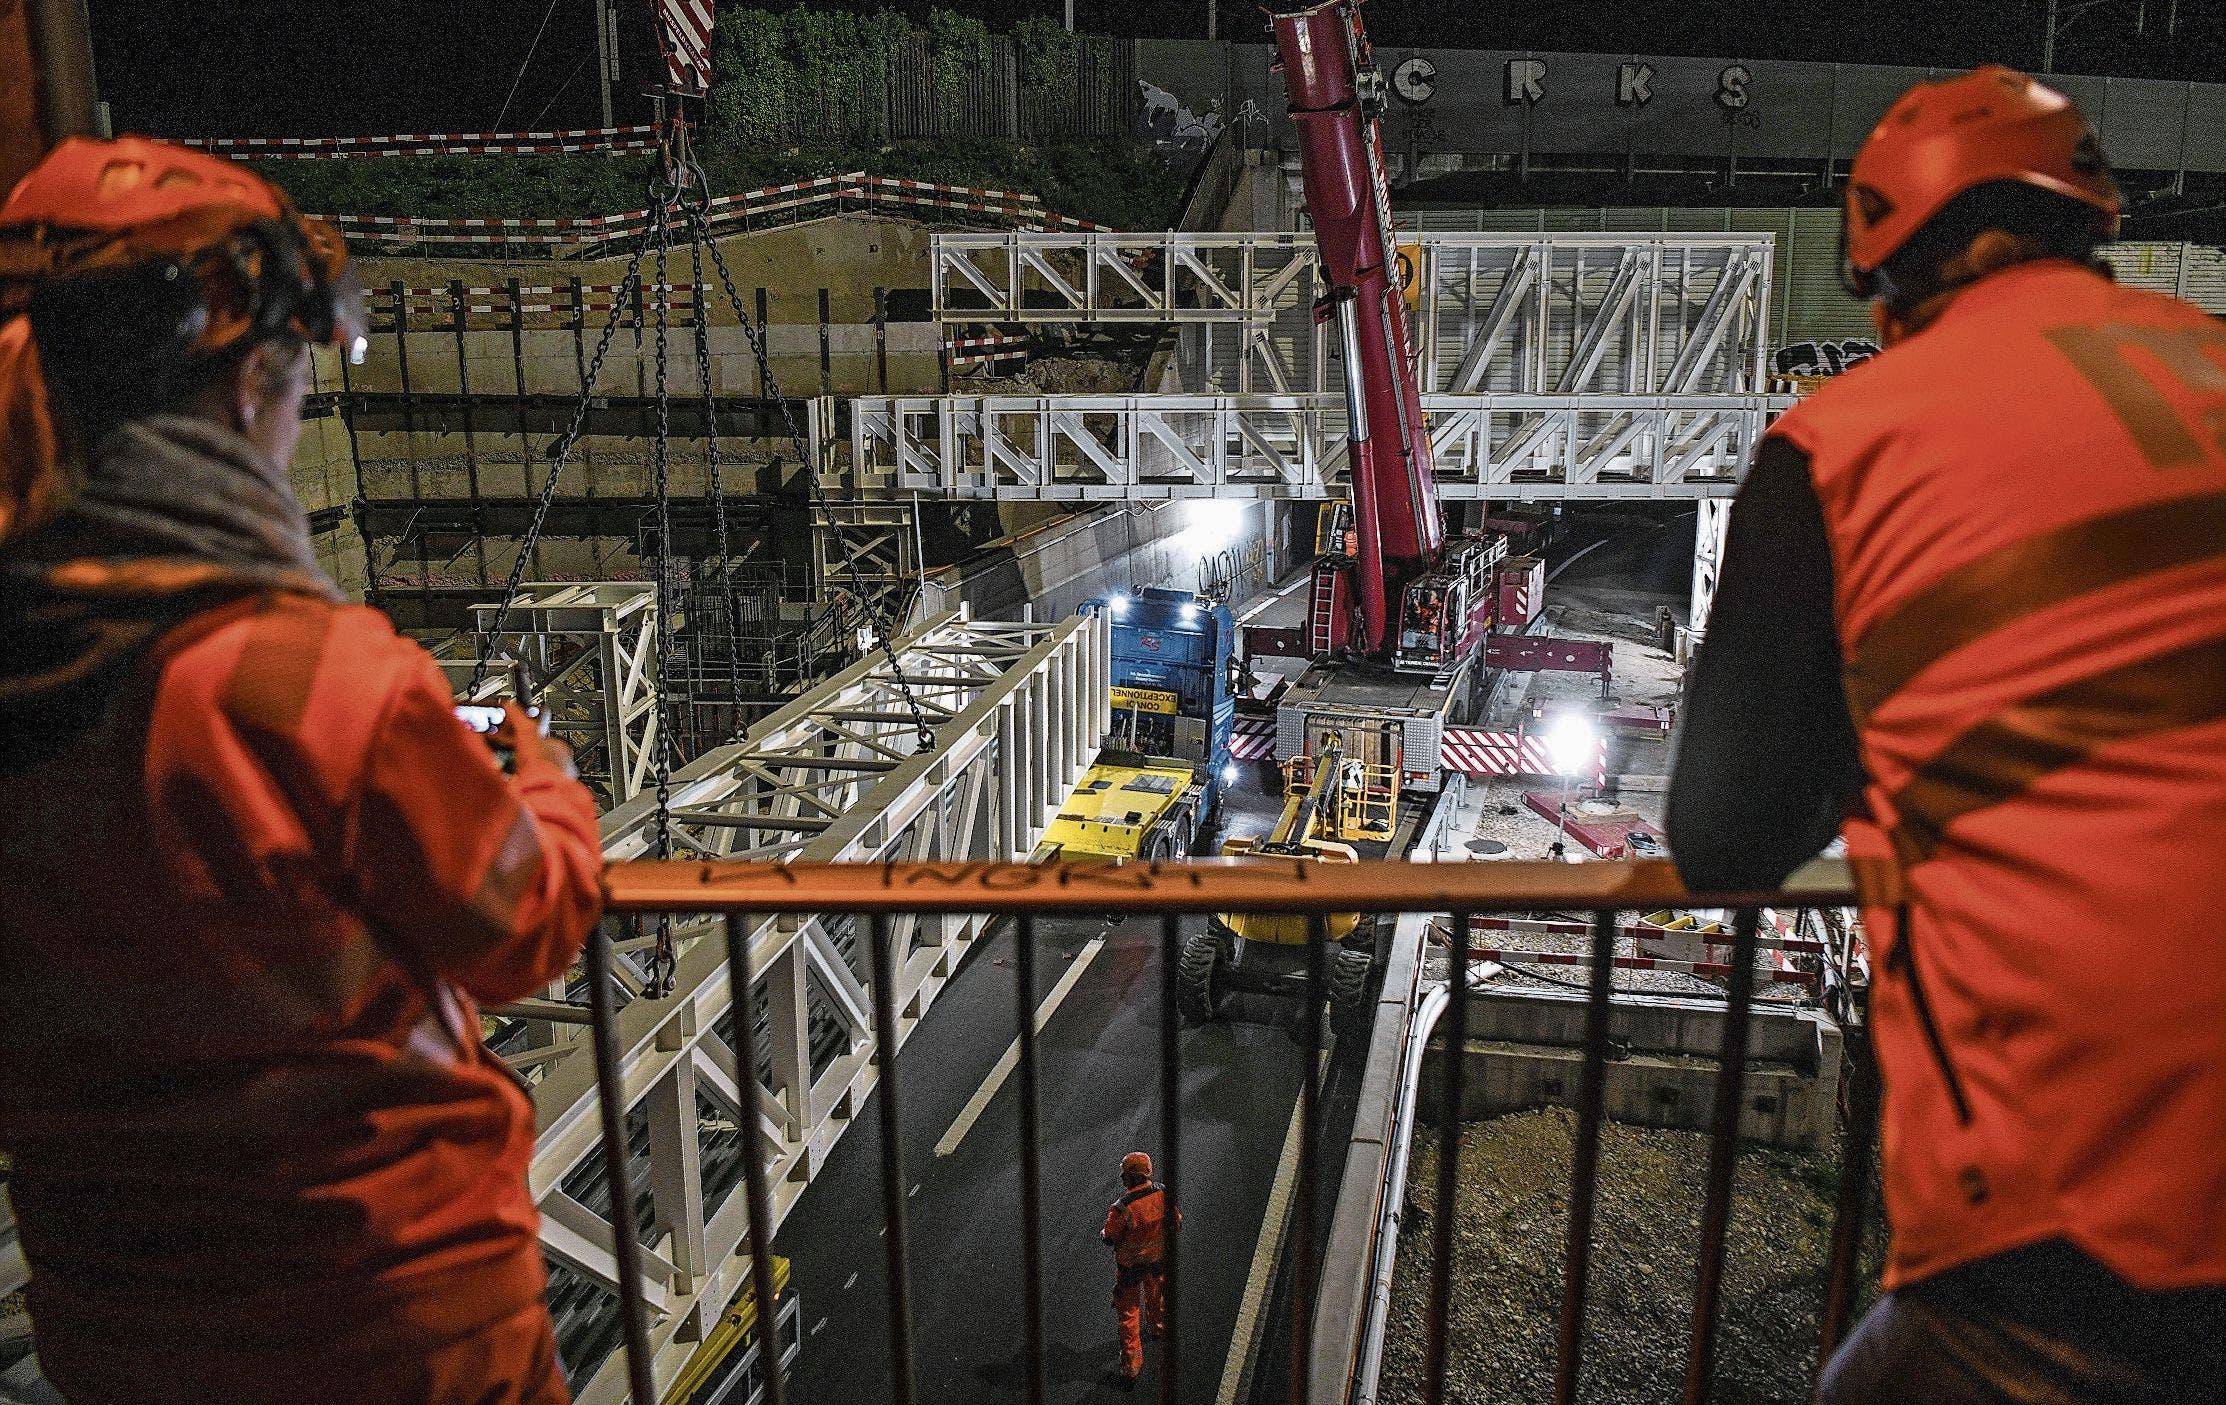 In der Nacht von Freitag auf Samstag wurden vier riesige Fachwerkträger über der A18 beim Autobahnkreuz Hagnau montiert. Es war Millimeterarbeit, die fesselte.